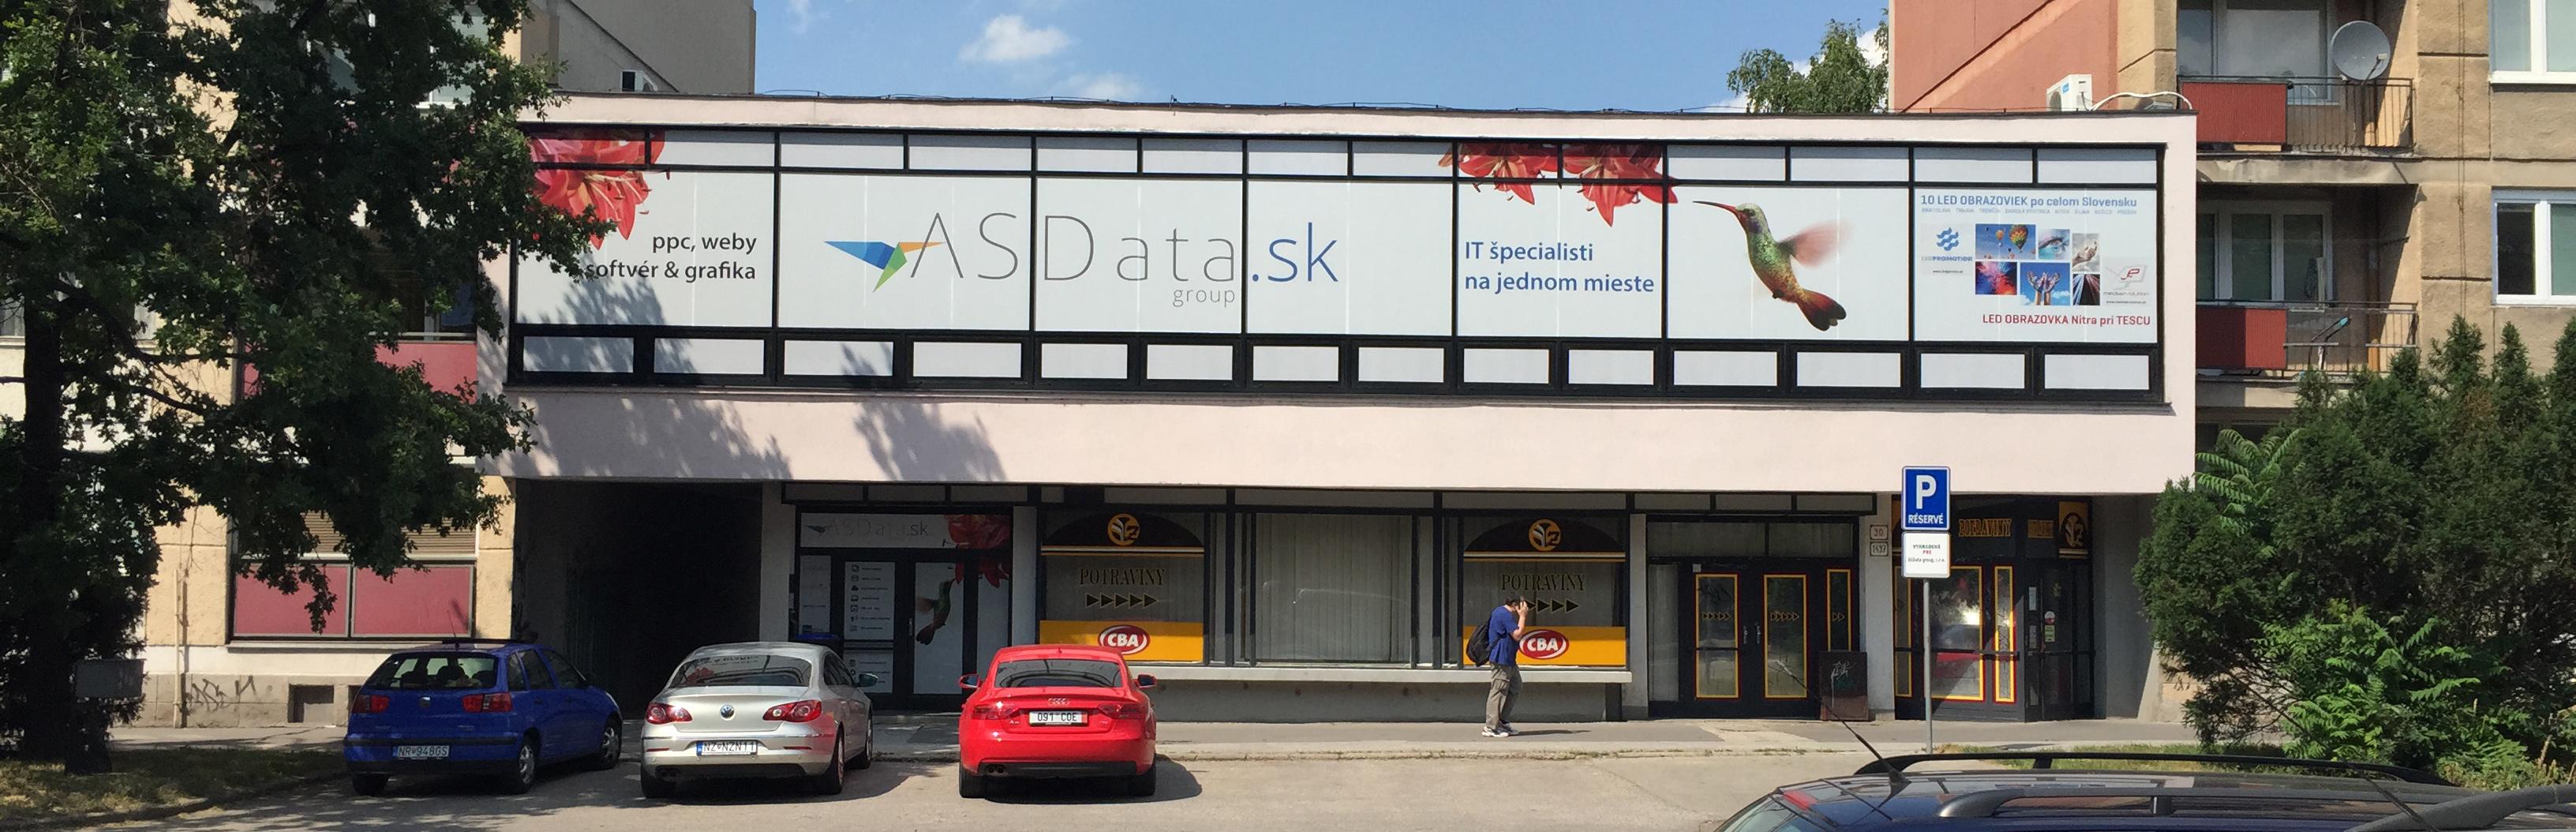 ASData.sk budova s reklamnými polepmi na oknách